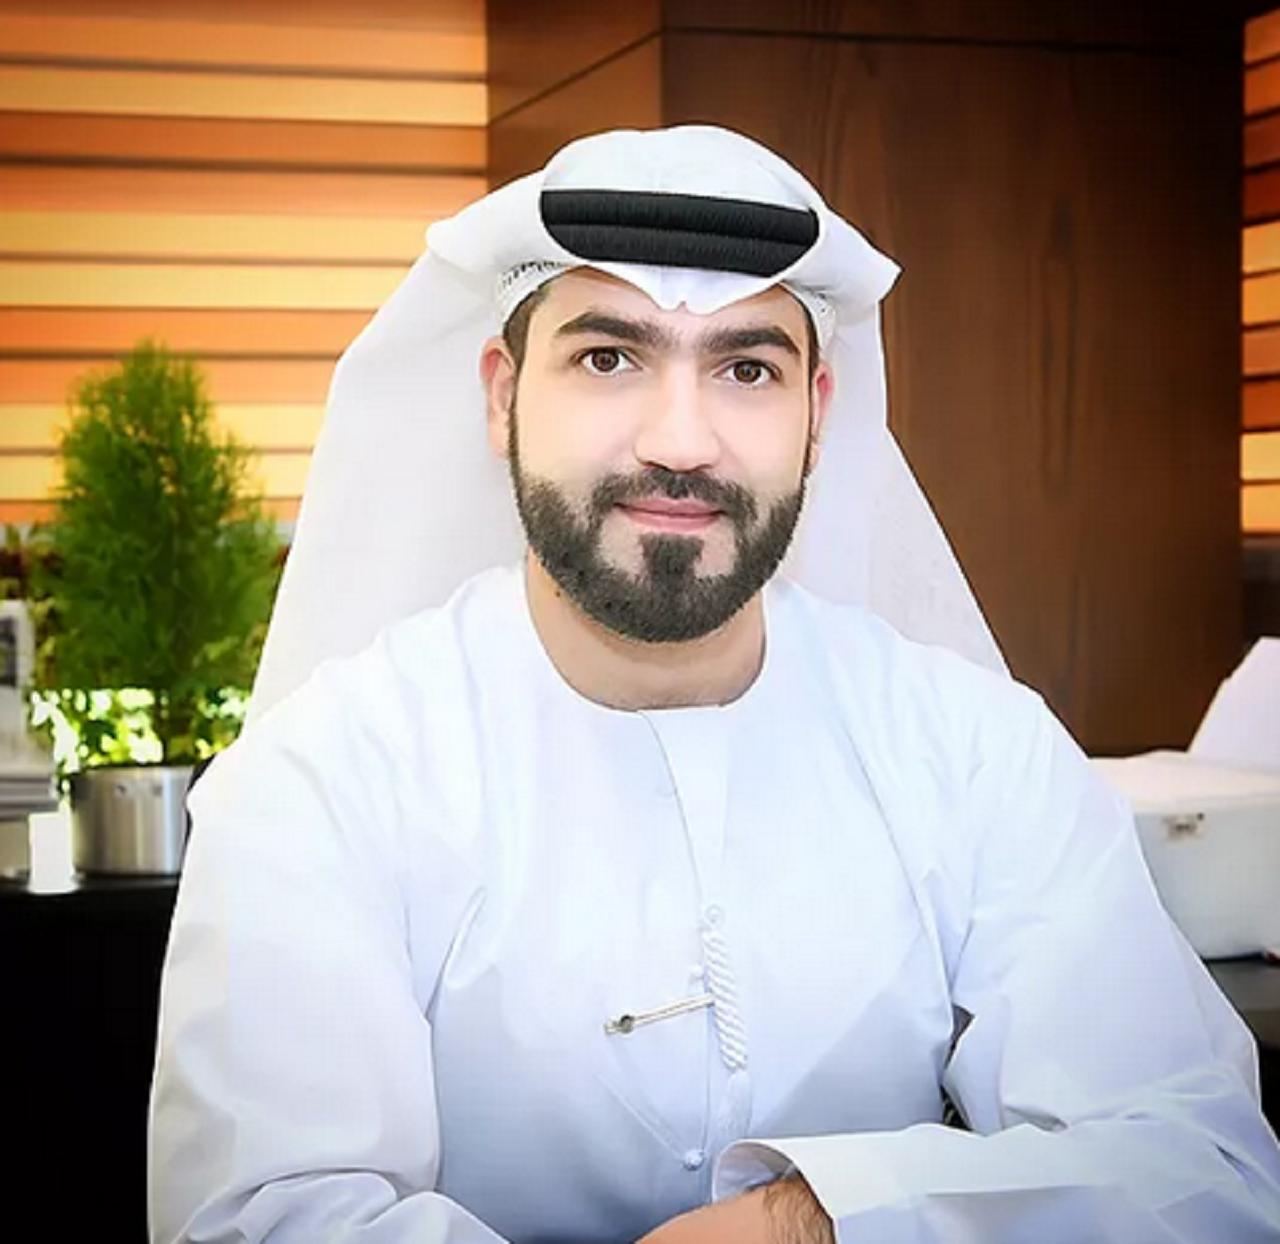 Ahmad Ali Al Emadi